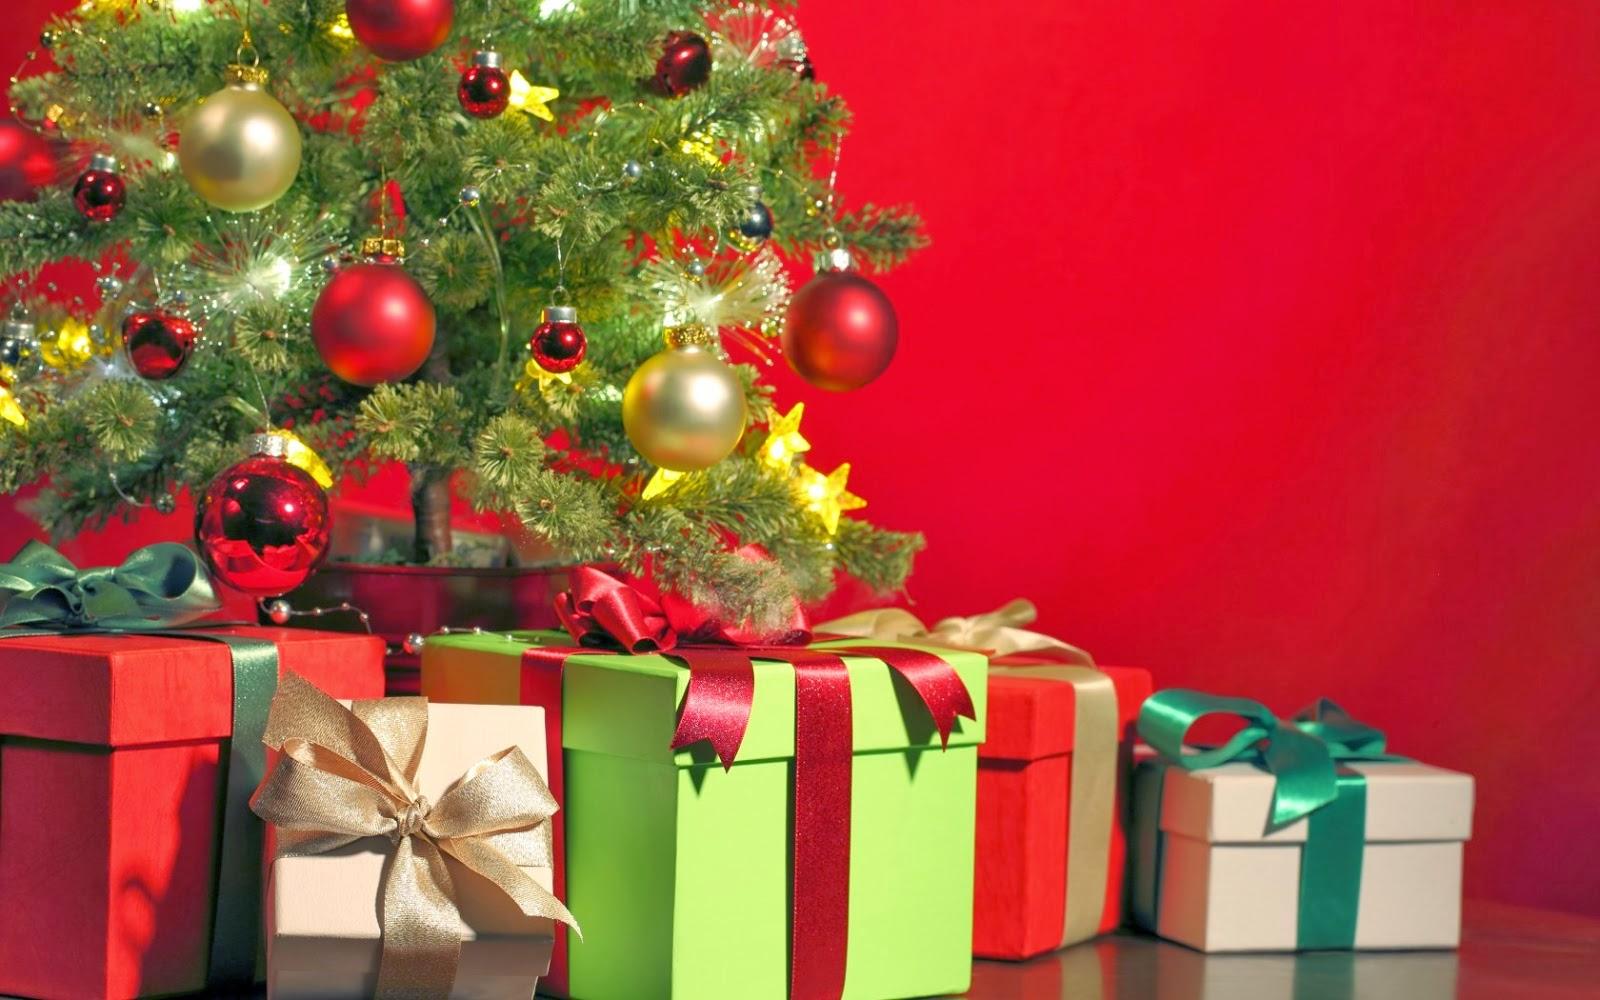 Chuc Mung Giang Sinh Tieng Anh Nhắn Chúc Mừng Giáng Sinh